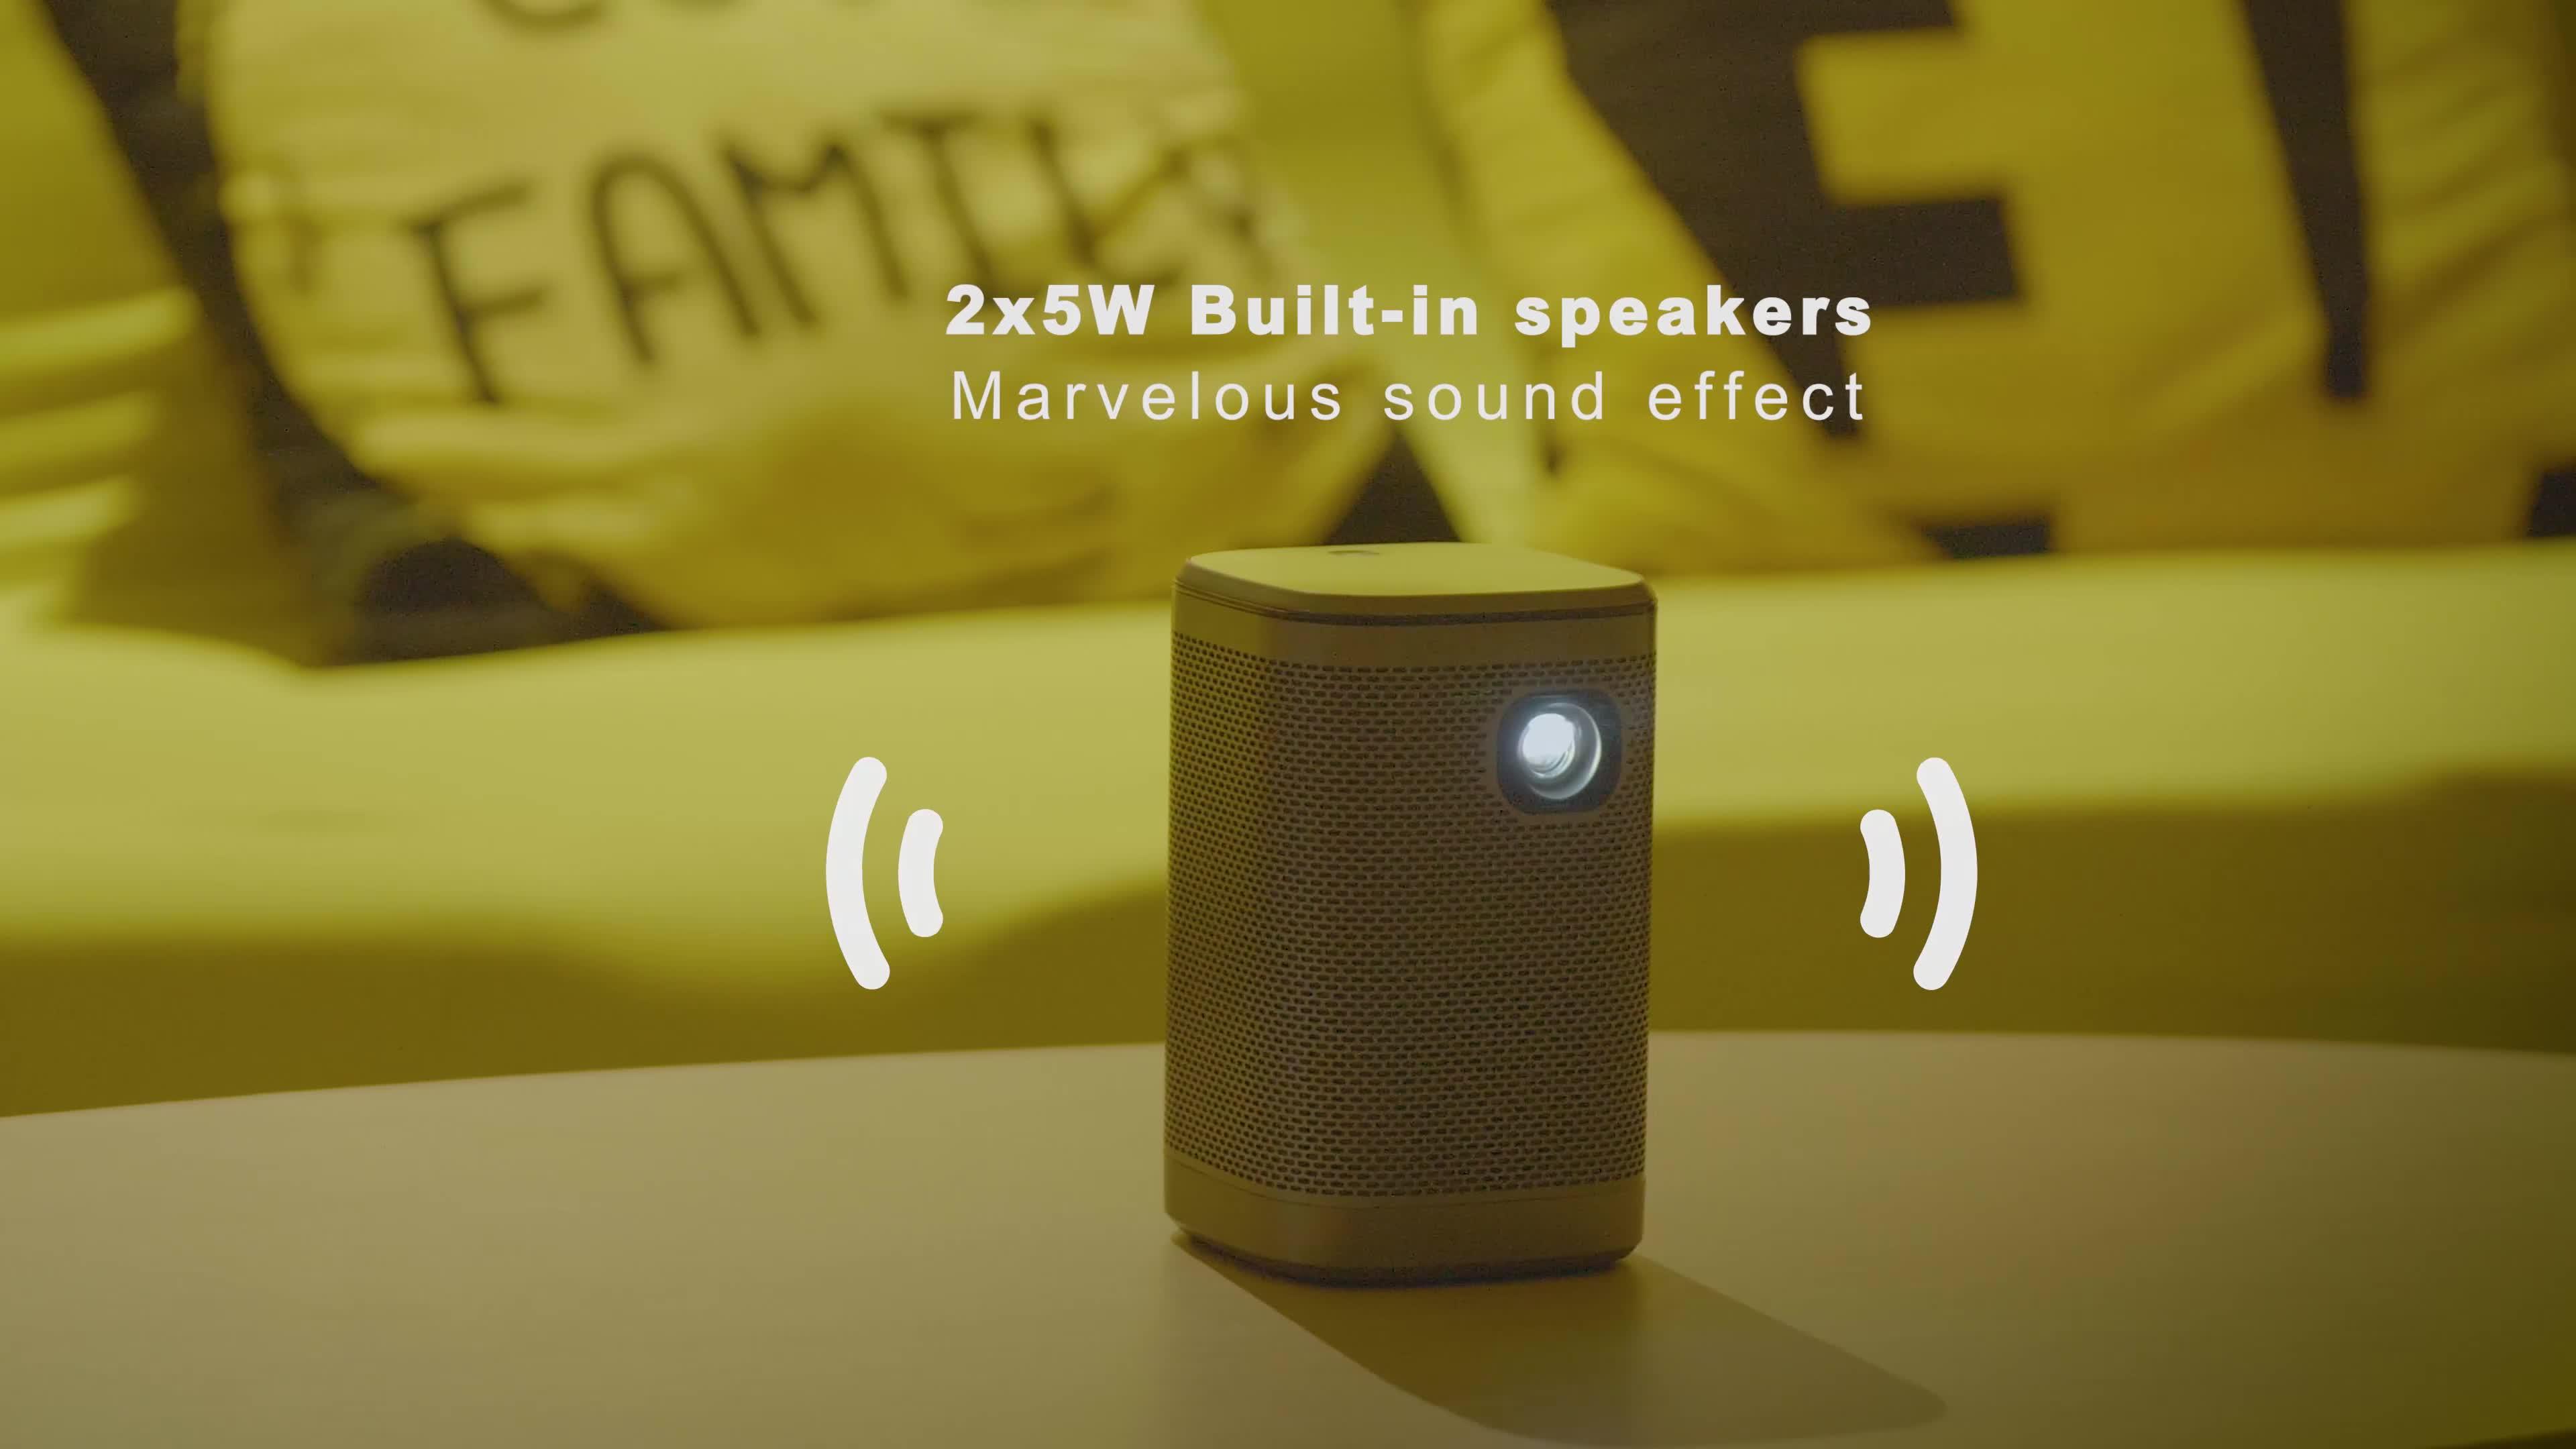 Chất Lượng Cao Mini Thông Minh LED Xách Tay Máy Chiếu 4K DLP Android Chiếu Bỏ Túi Với Gương Miracast AirPlay Và Được Xây Dựng Trong Loa